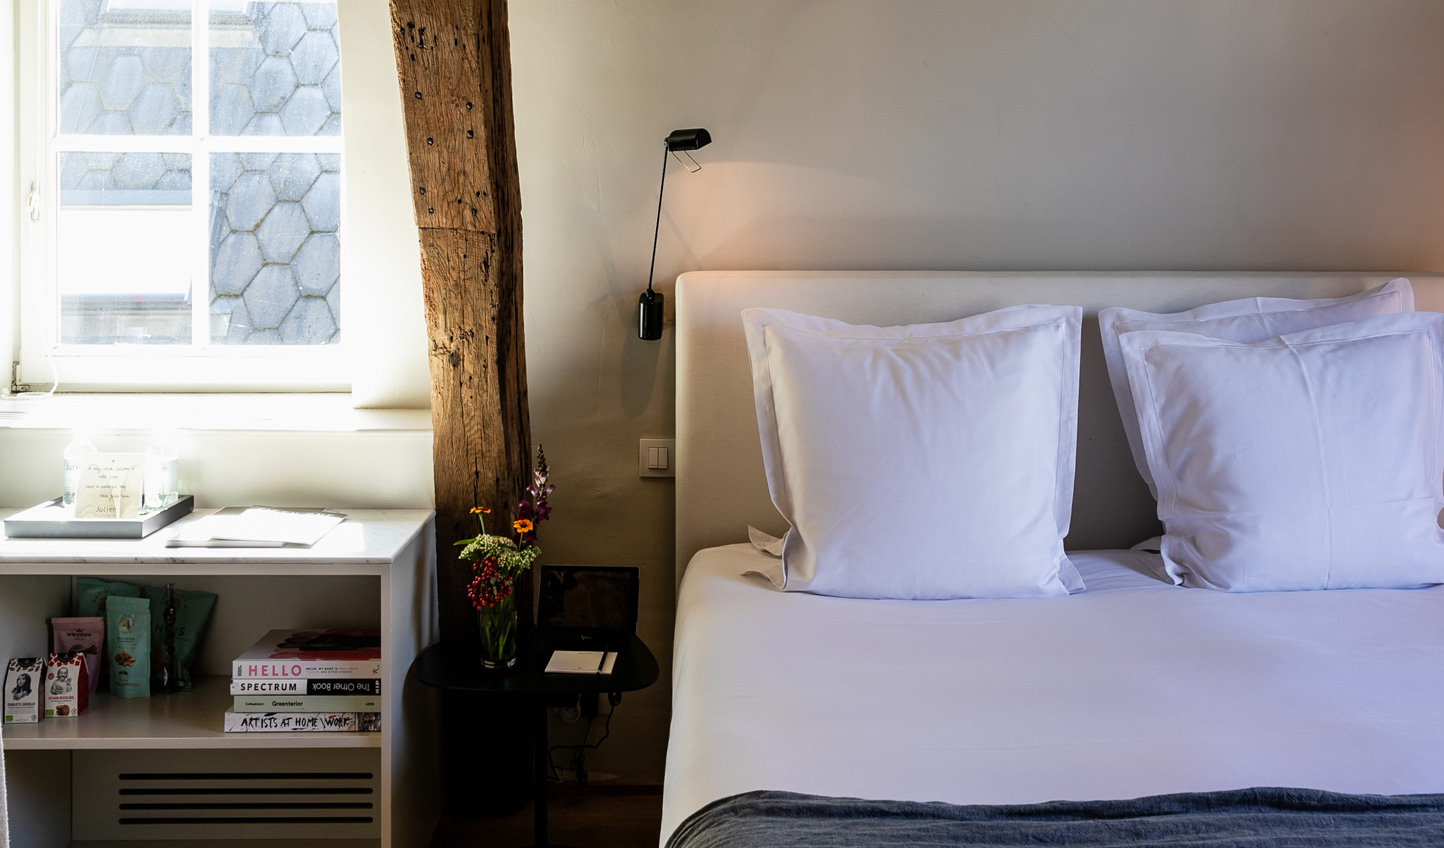 Tastefully designed rooms, clean and crisp interiors